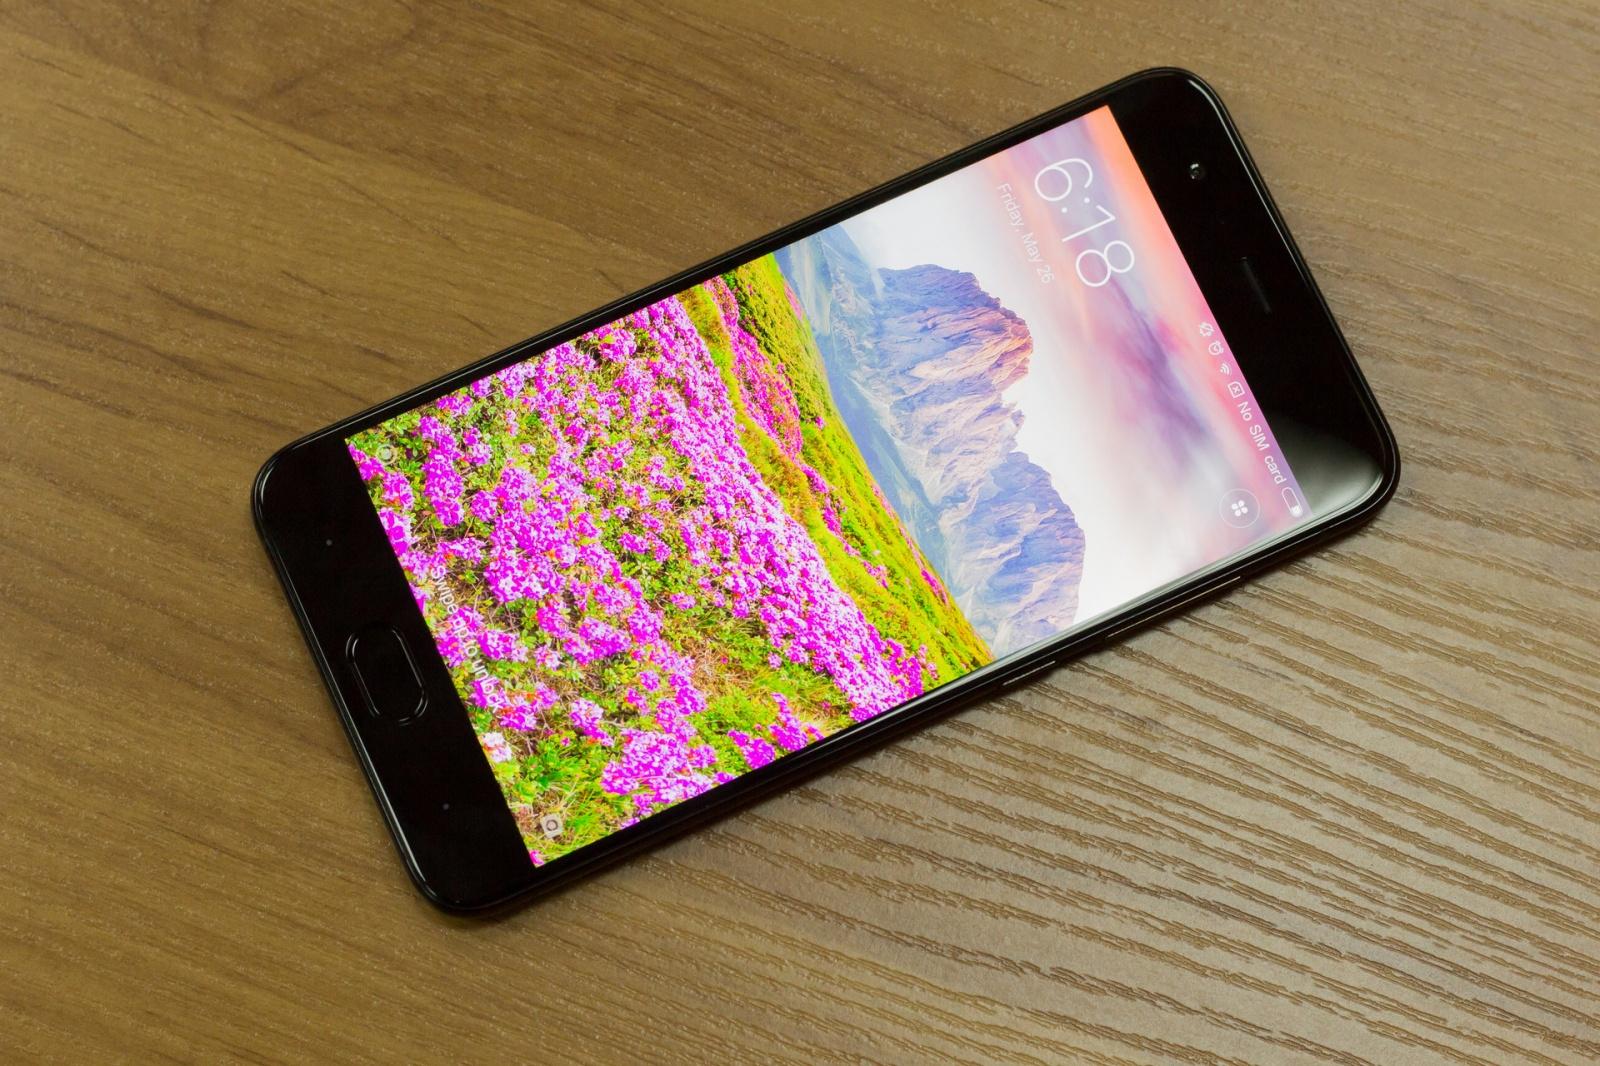 Обзор Xiaomi Mi6. Настоящий флагман за полцены, и при этом не совсем лопата - 2